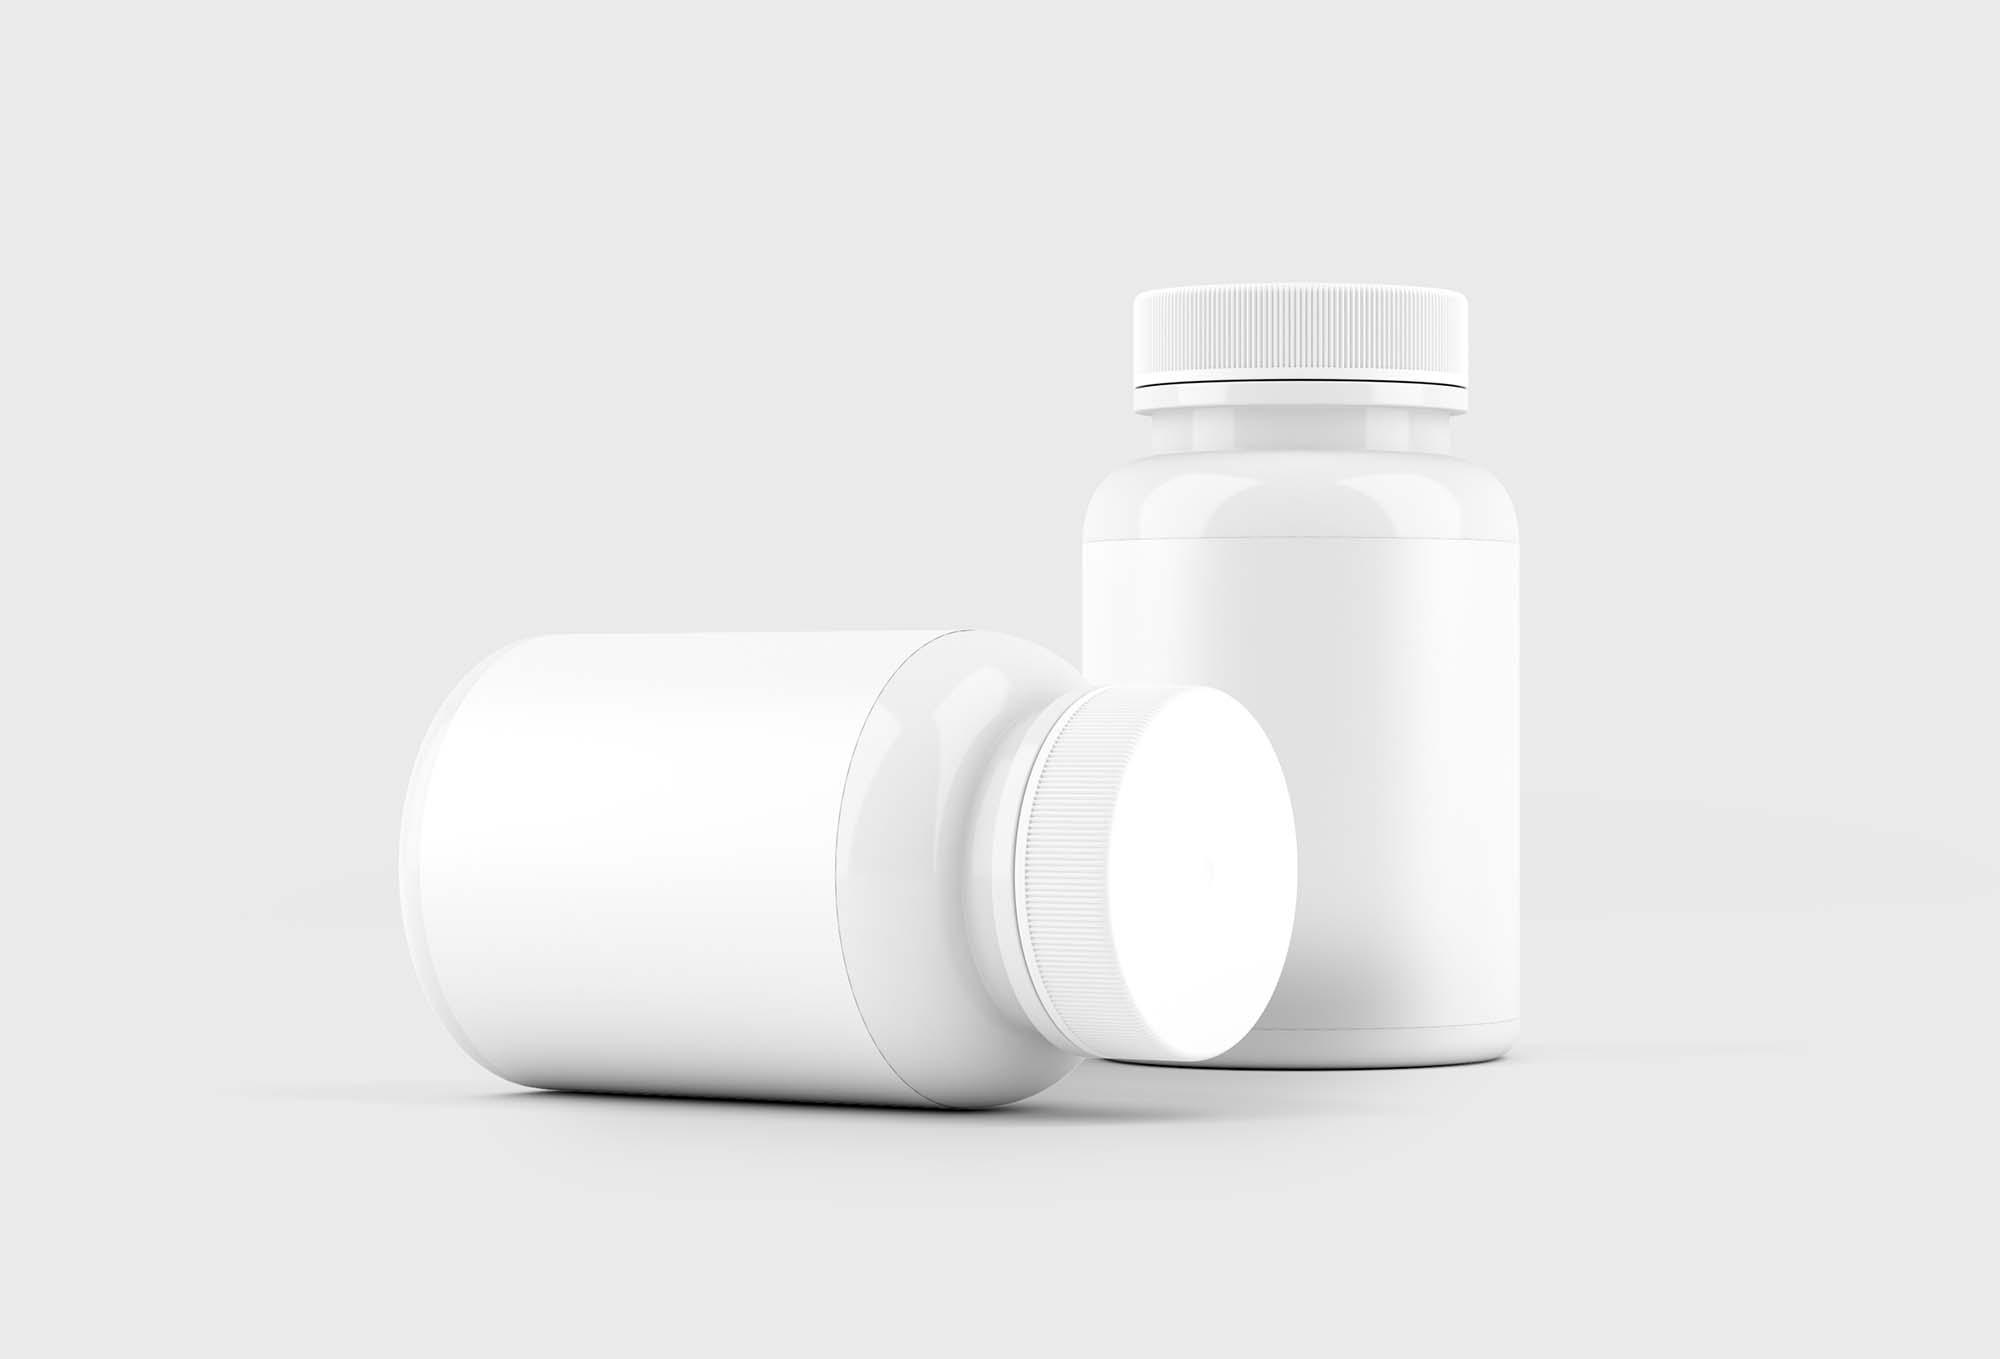 Pill Bottle Mockup 2